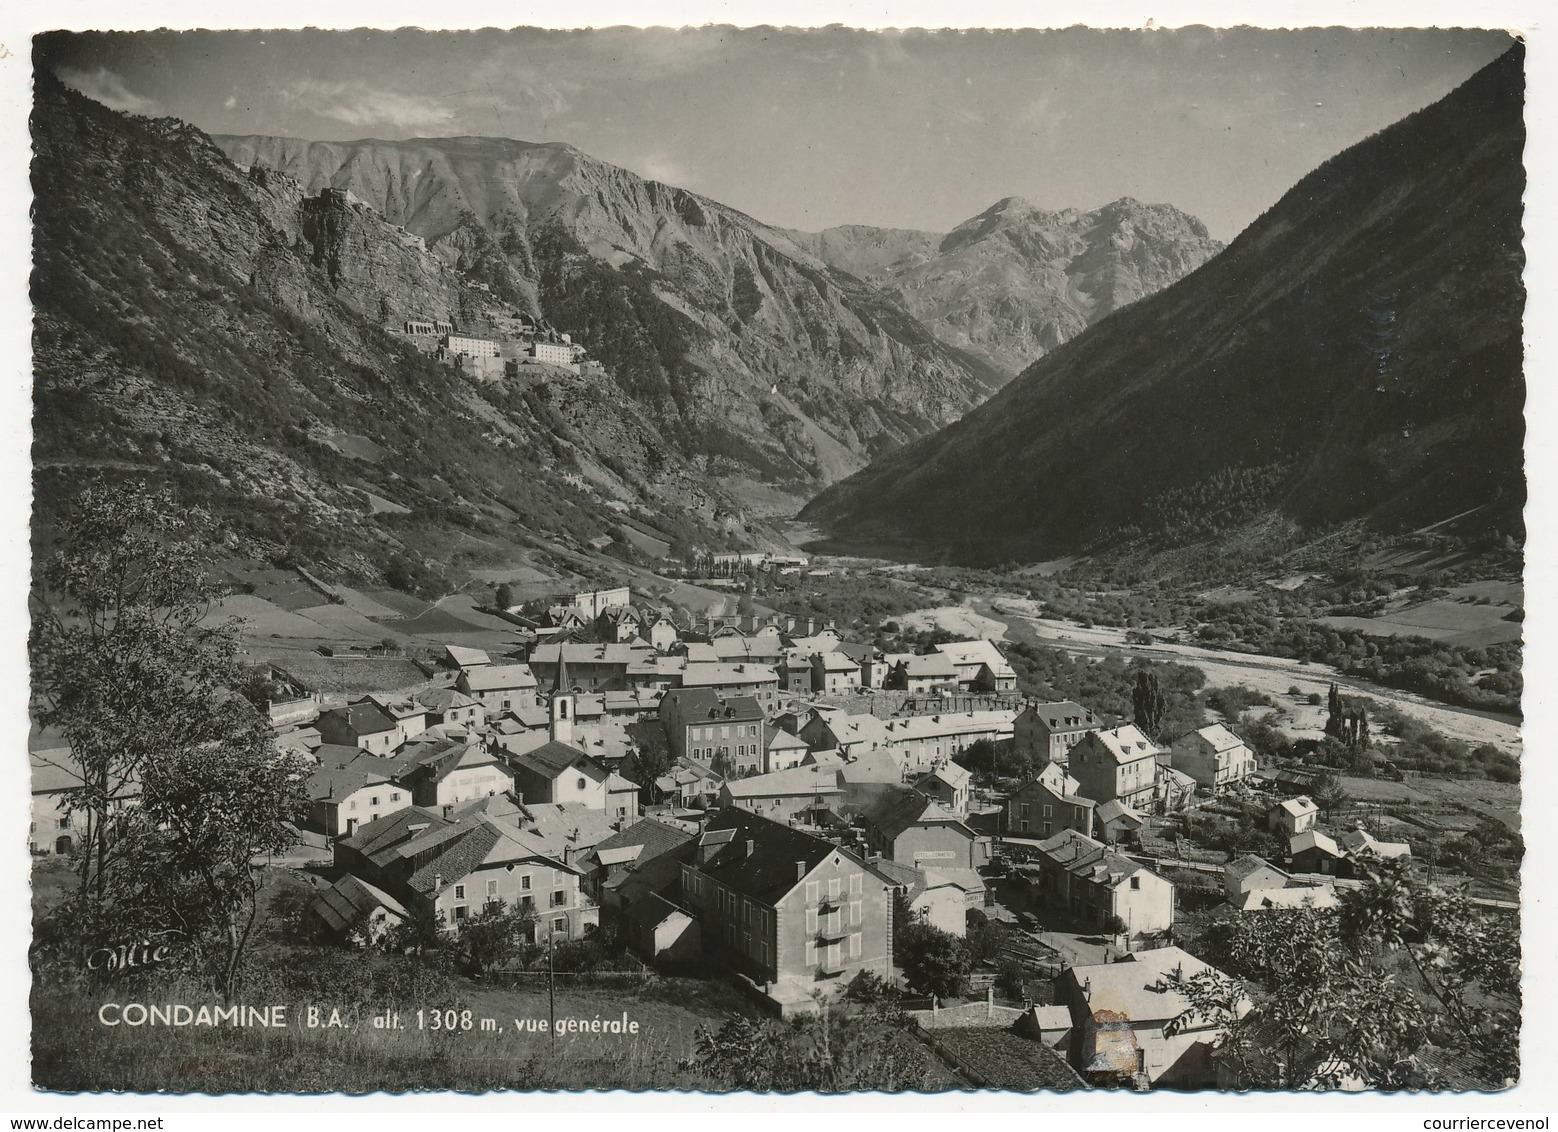 CPSM - Environs De BARCELONNETTE (Basses Alpes) - Condamine, Alt 1306m, Vue Générale - Barcelonnette